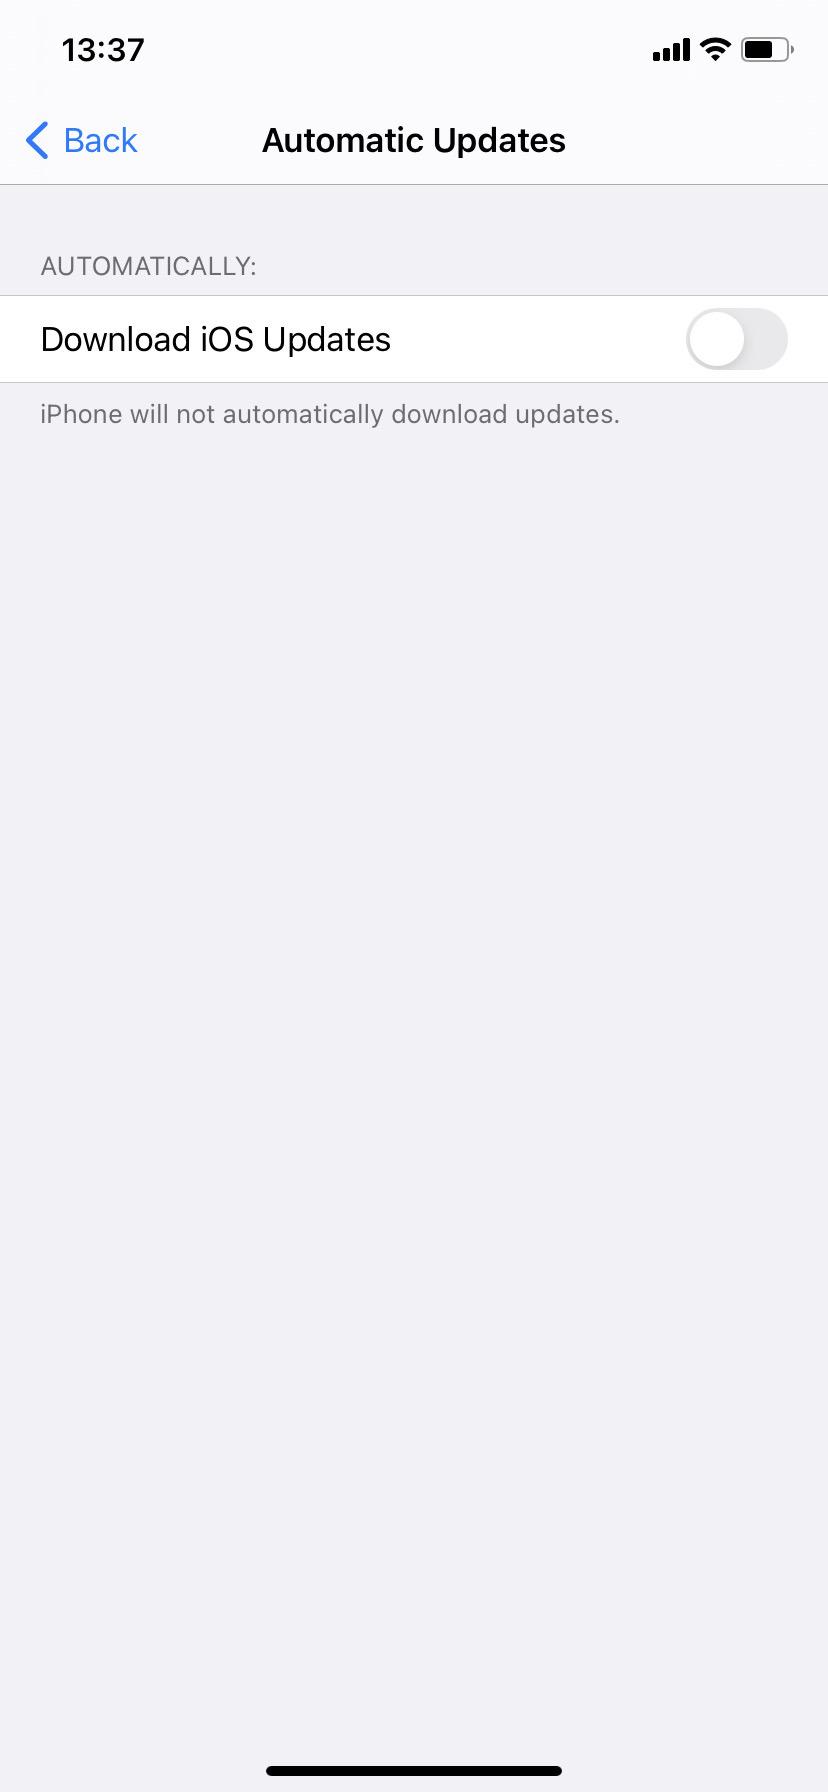 Adjust the update settings on iOS14